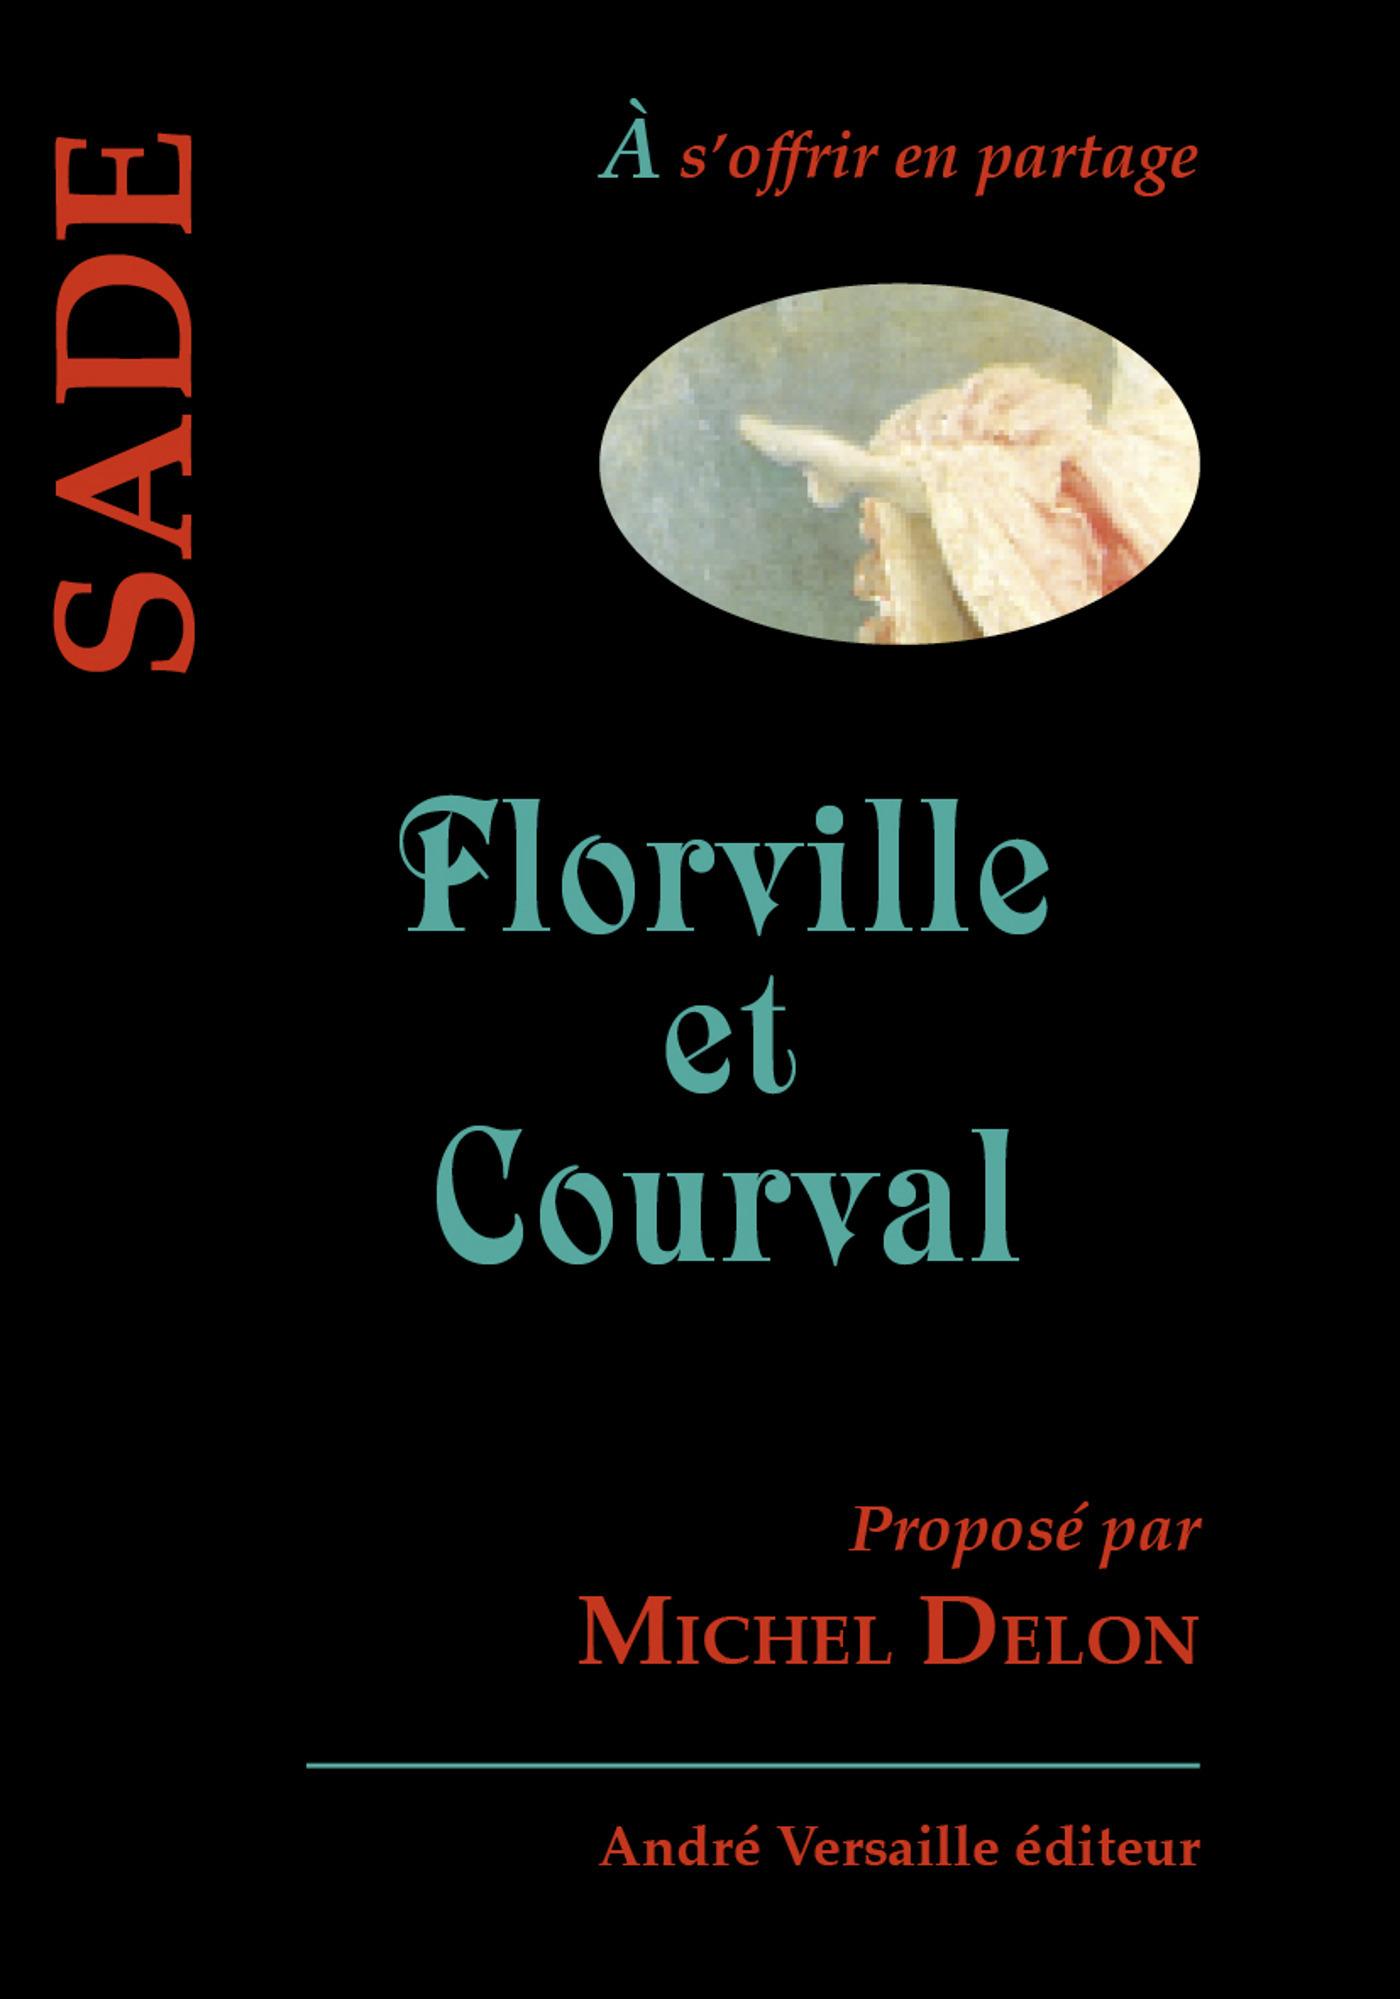 Florville et Courval